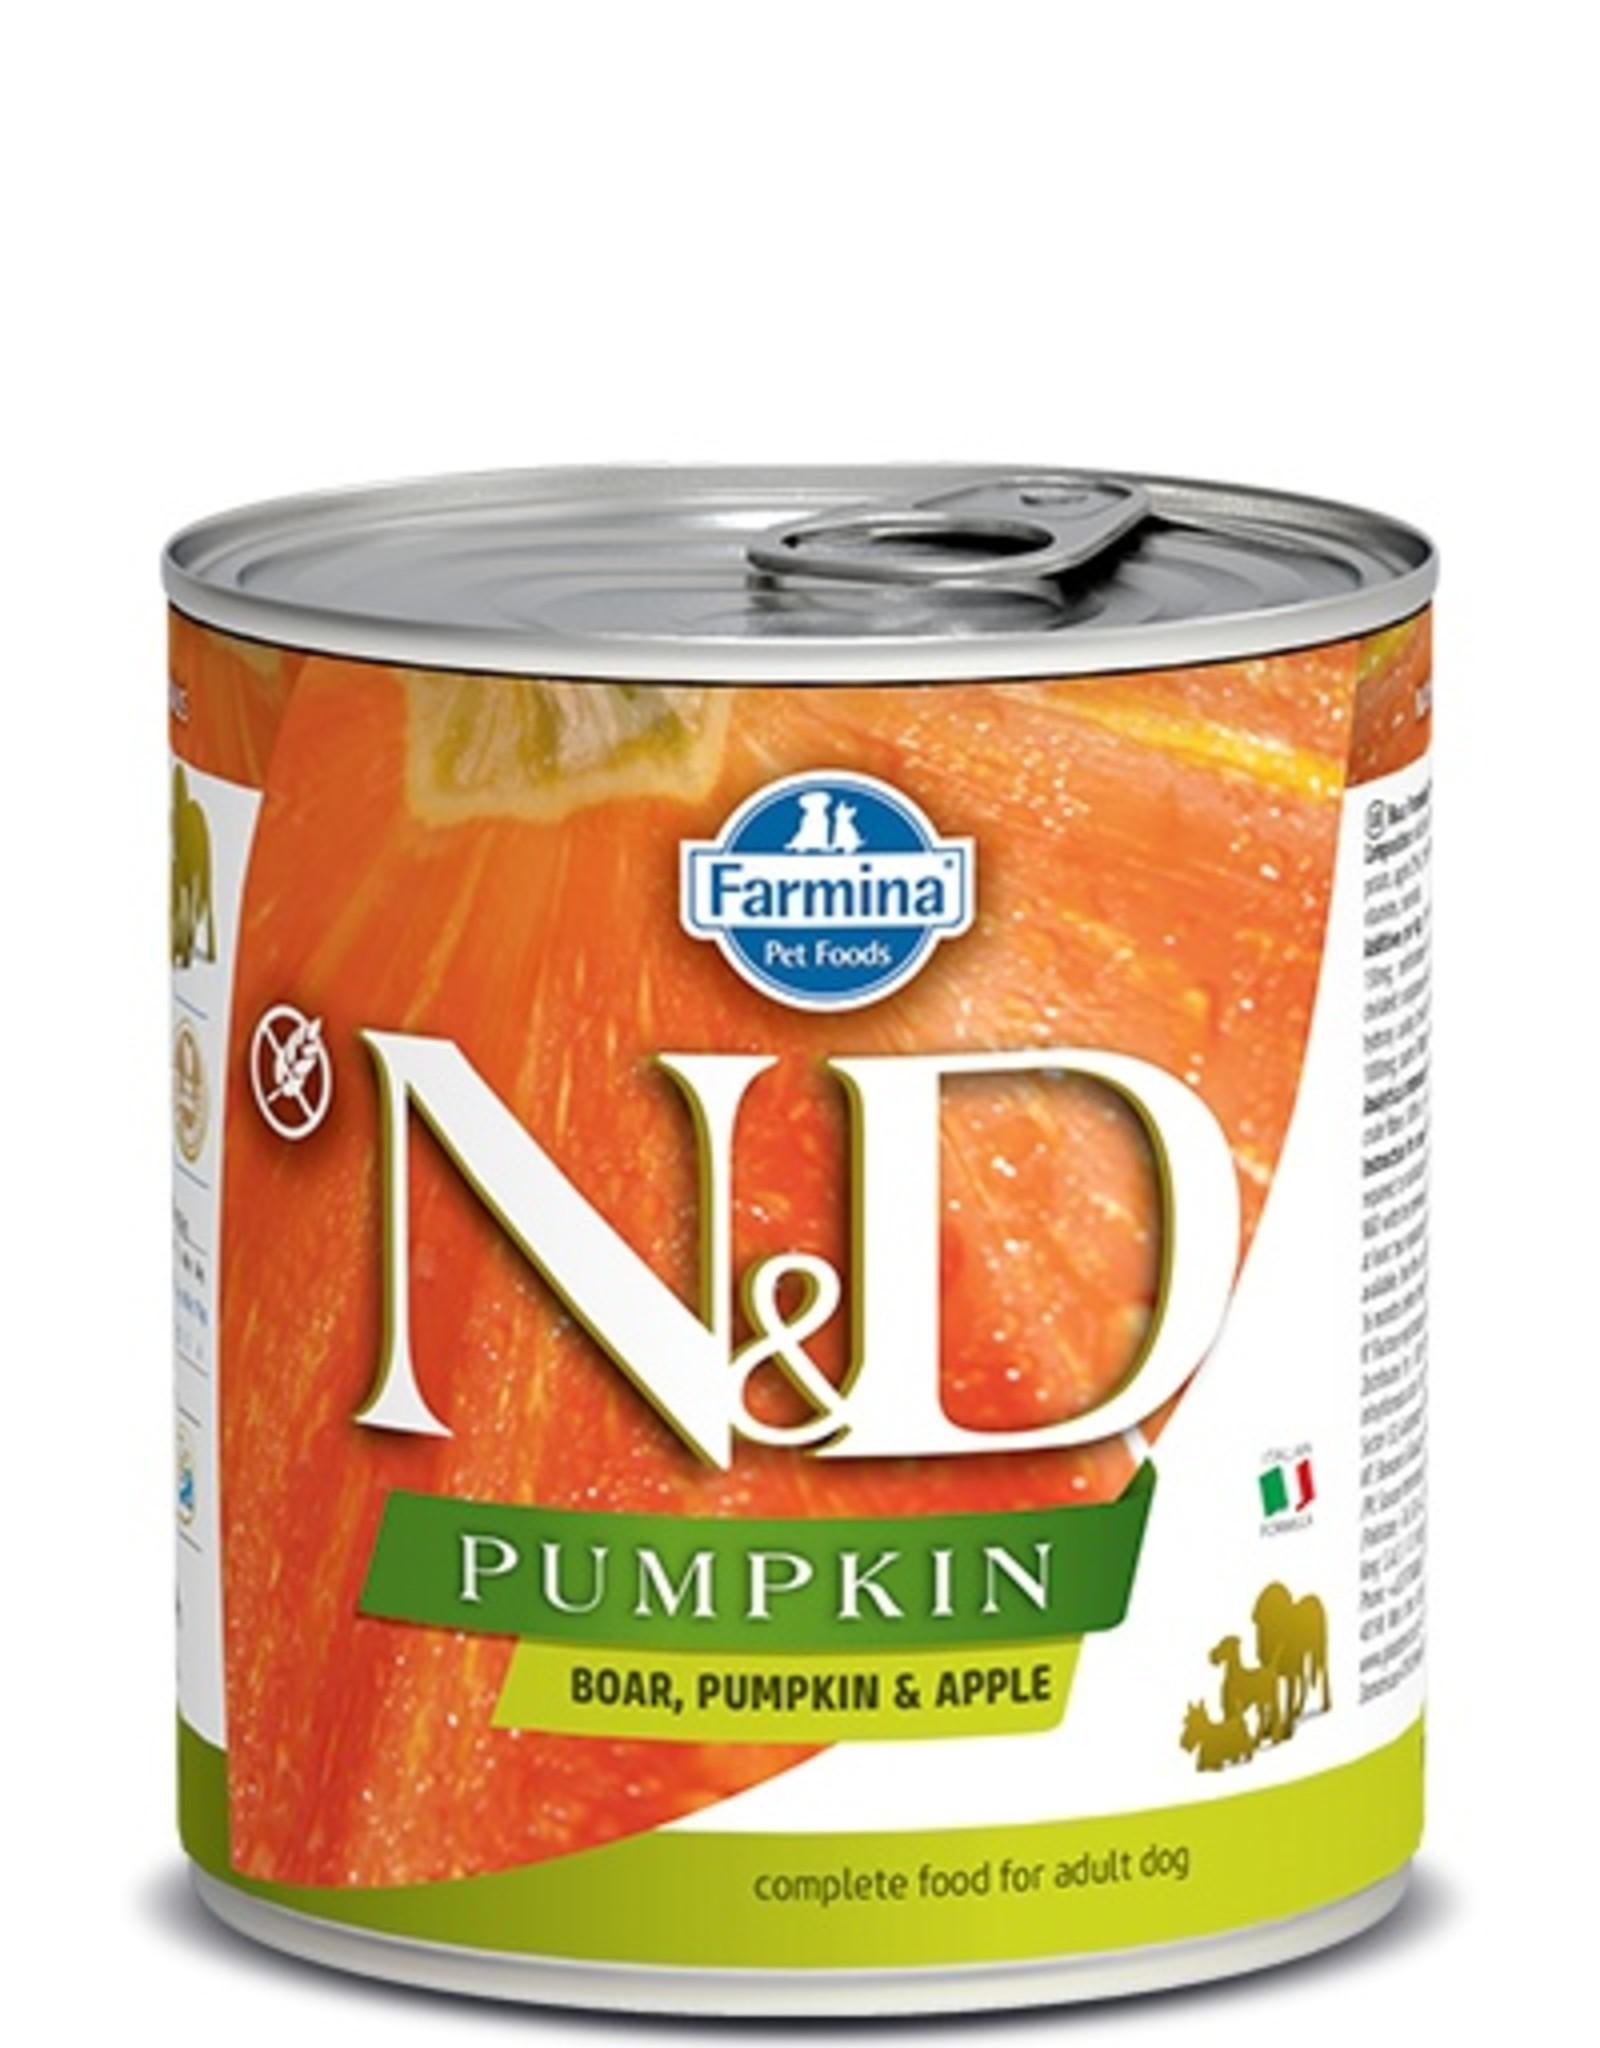 Farmina Farmina Dog N&D Pumpkin - Boar, Pumpkin & Apple